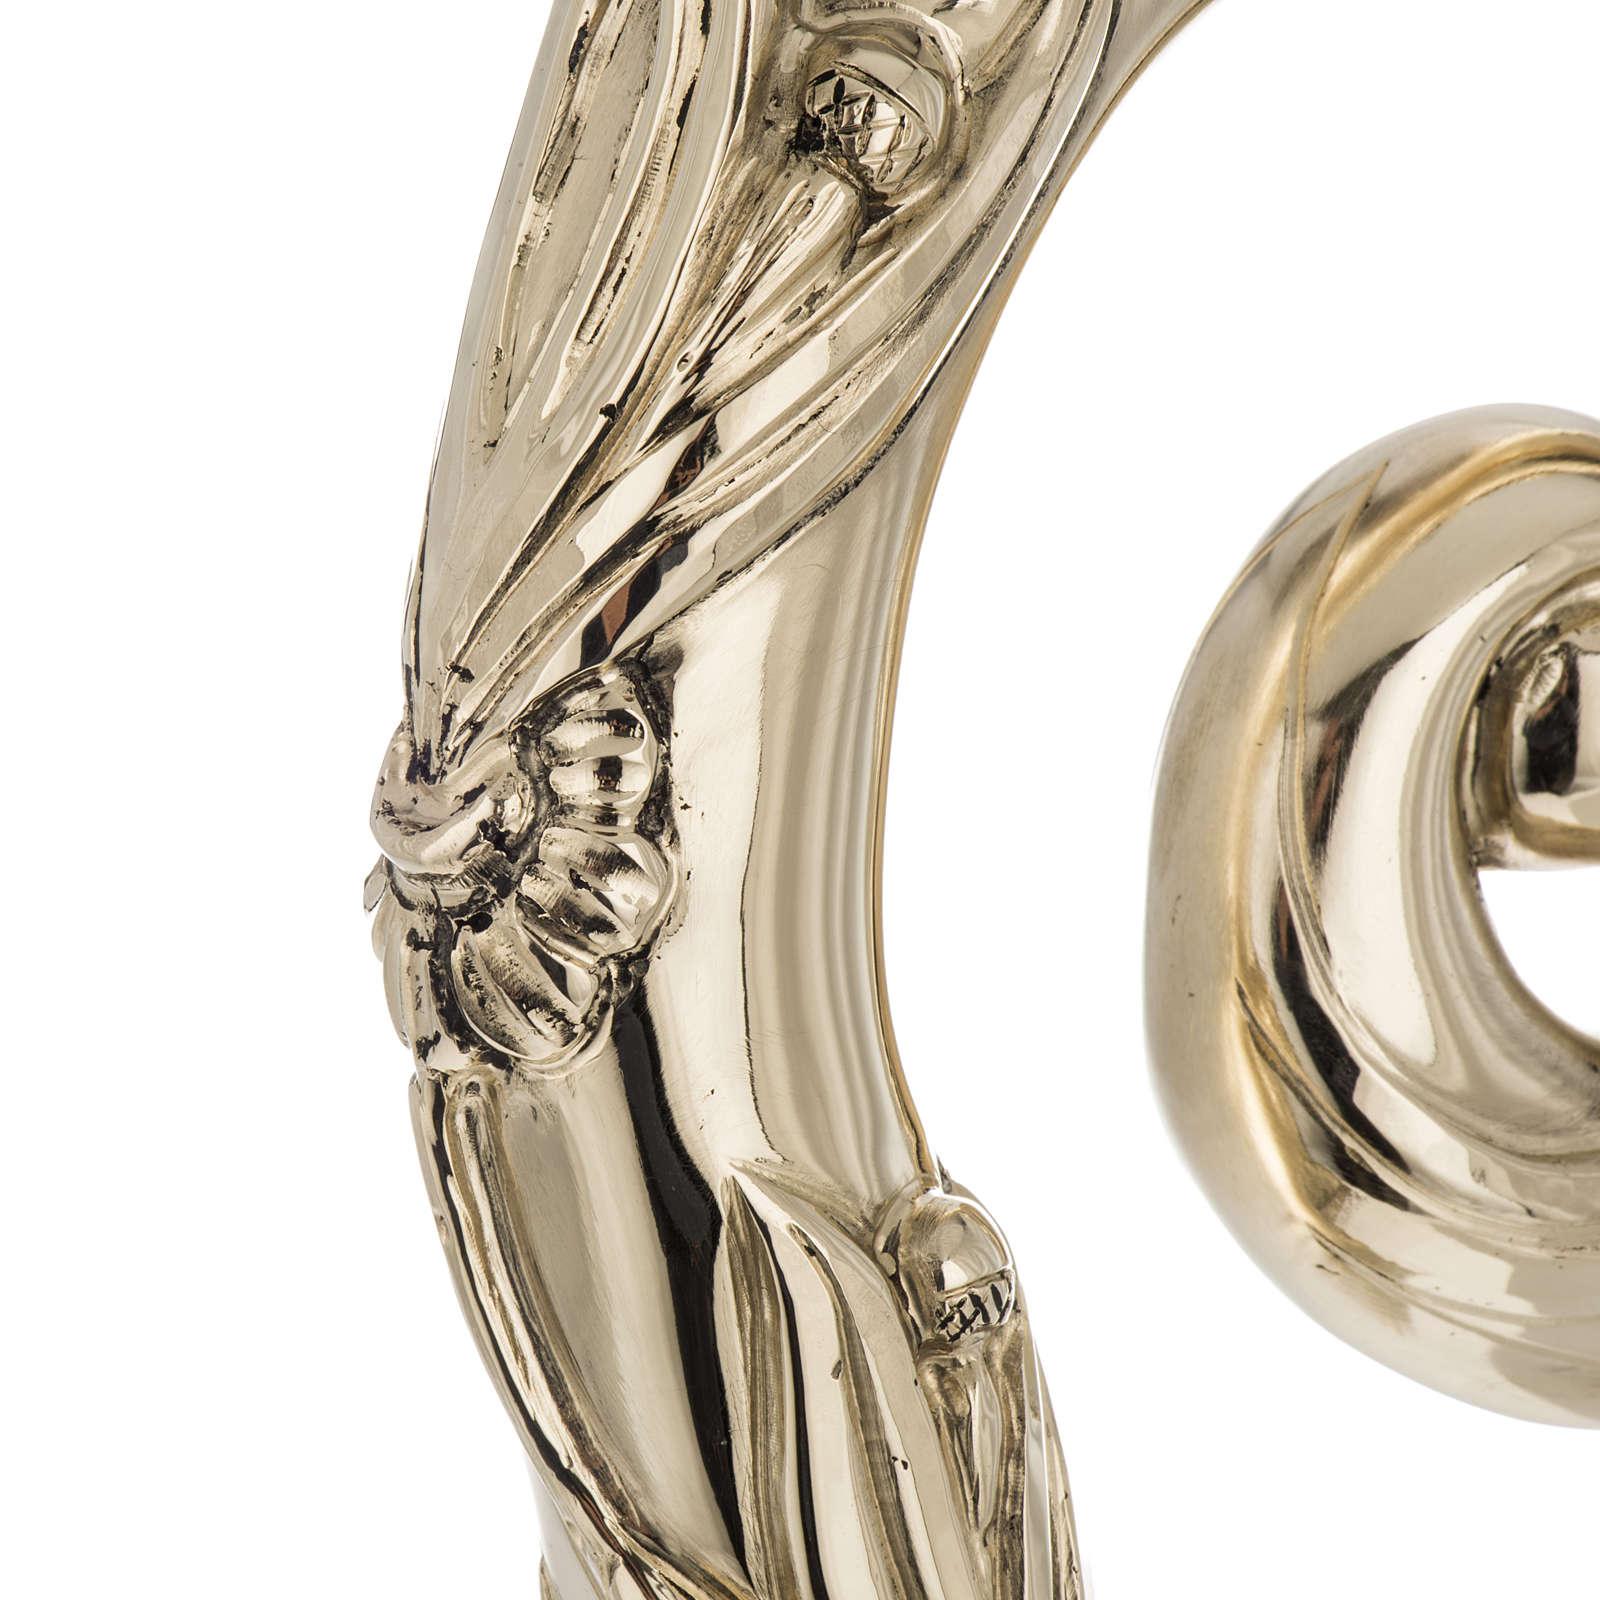 Crozier in 966 silver, electroforming, golden model 3